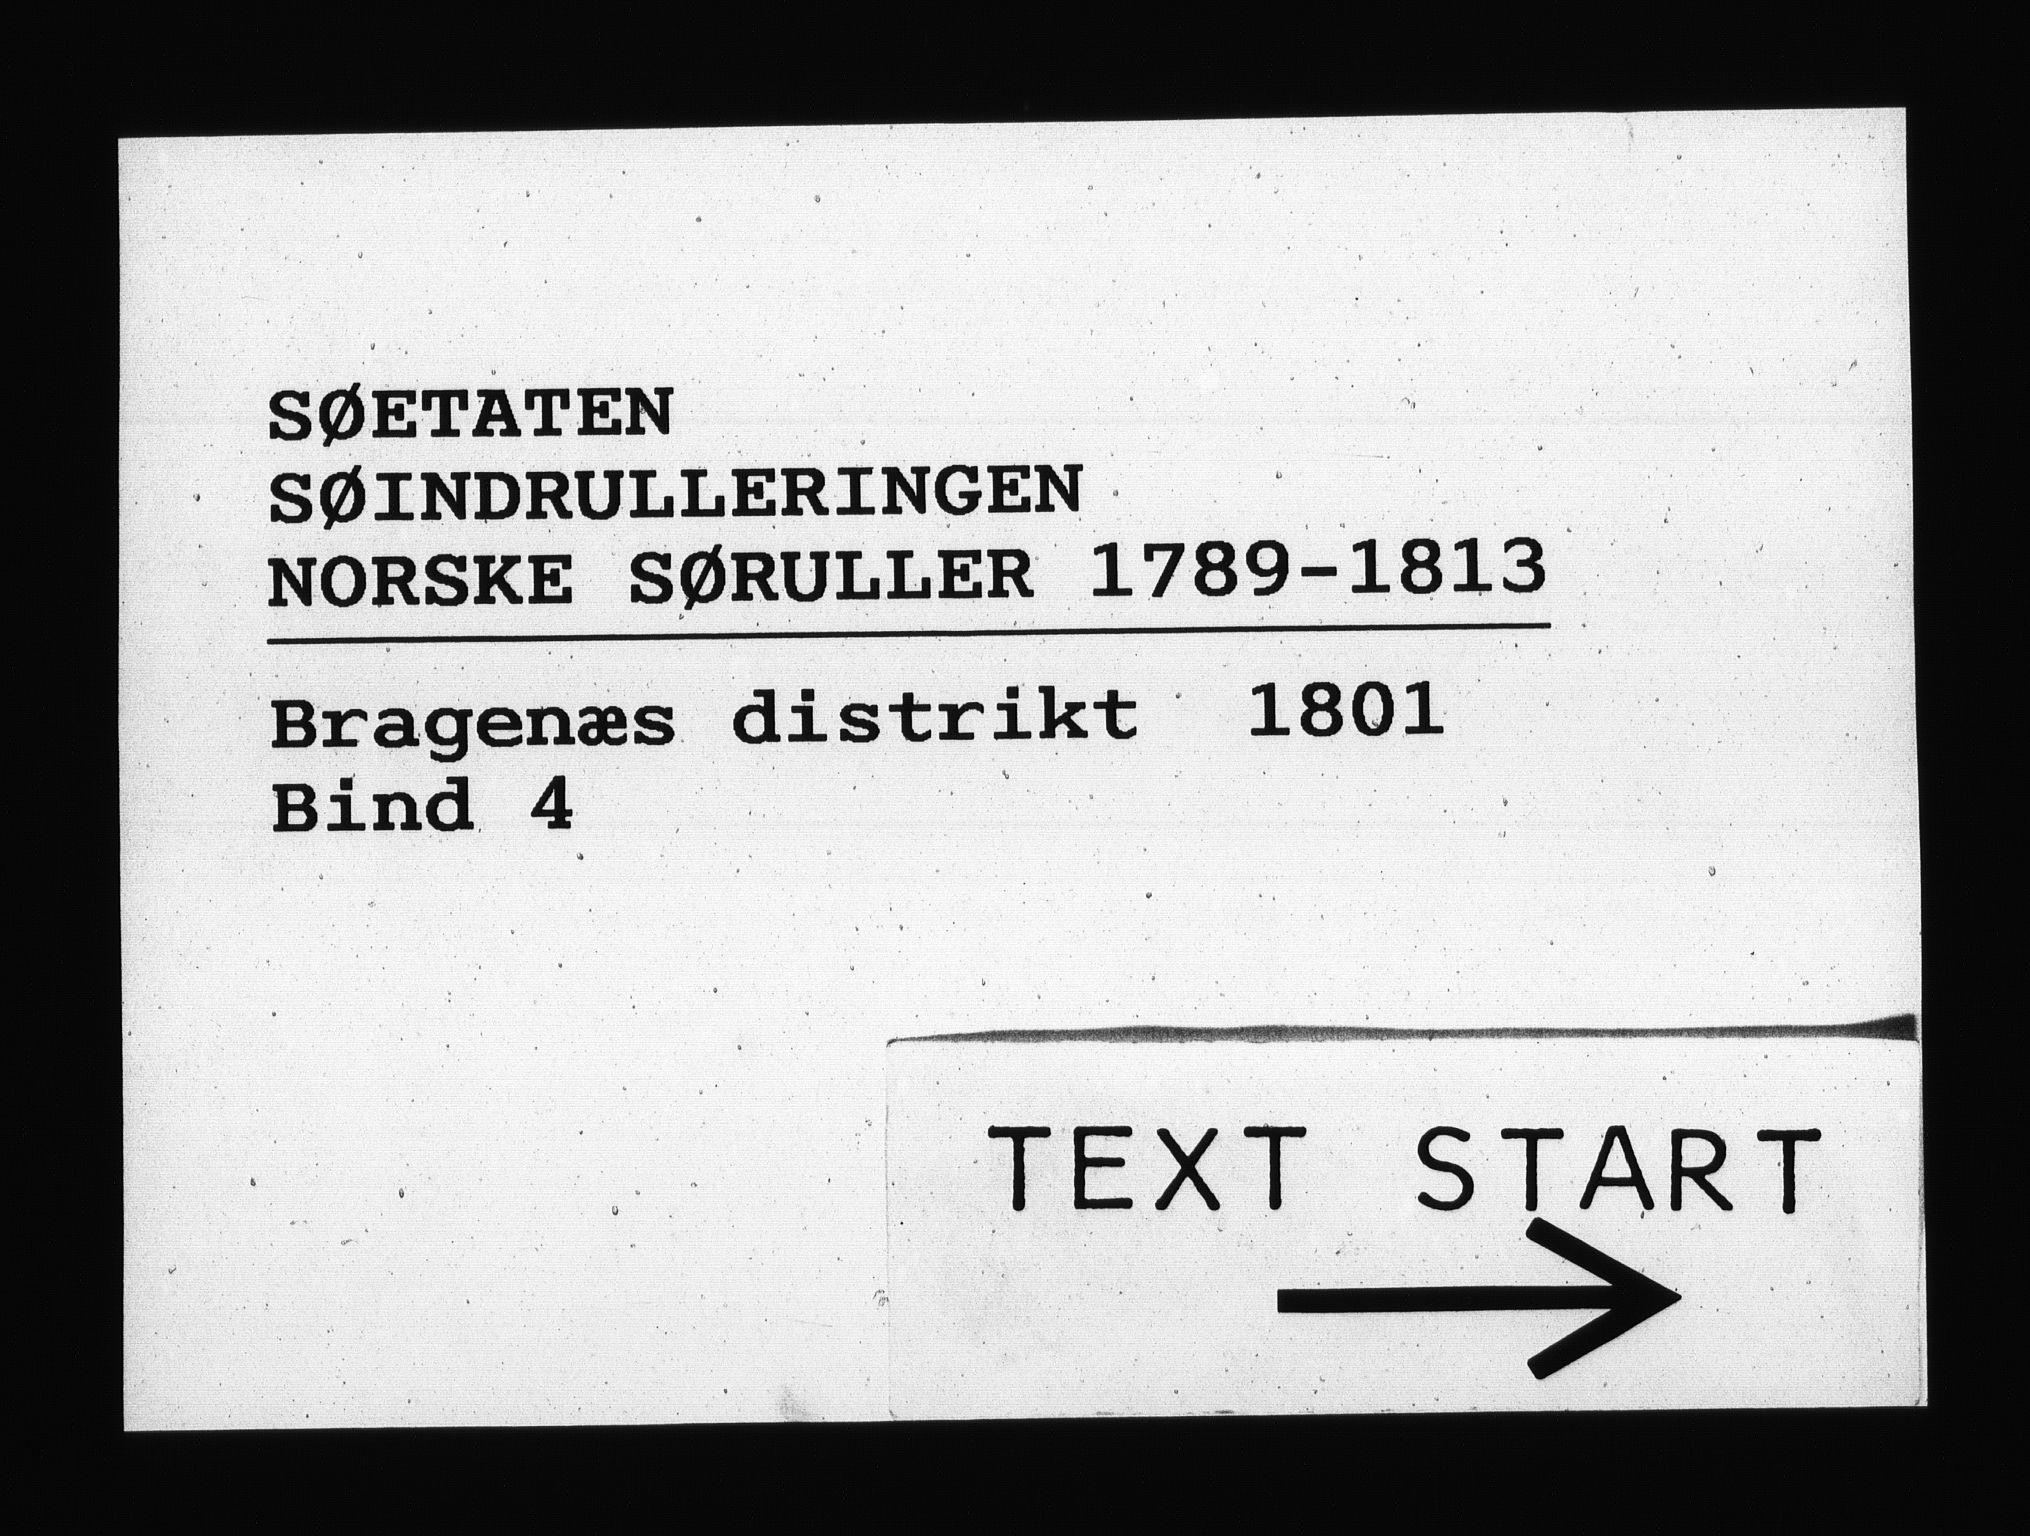 RA, Sjøetaten, F/L0137: Bragernes distrikt, bind 4, 1801